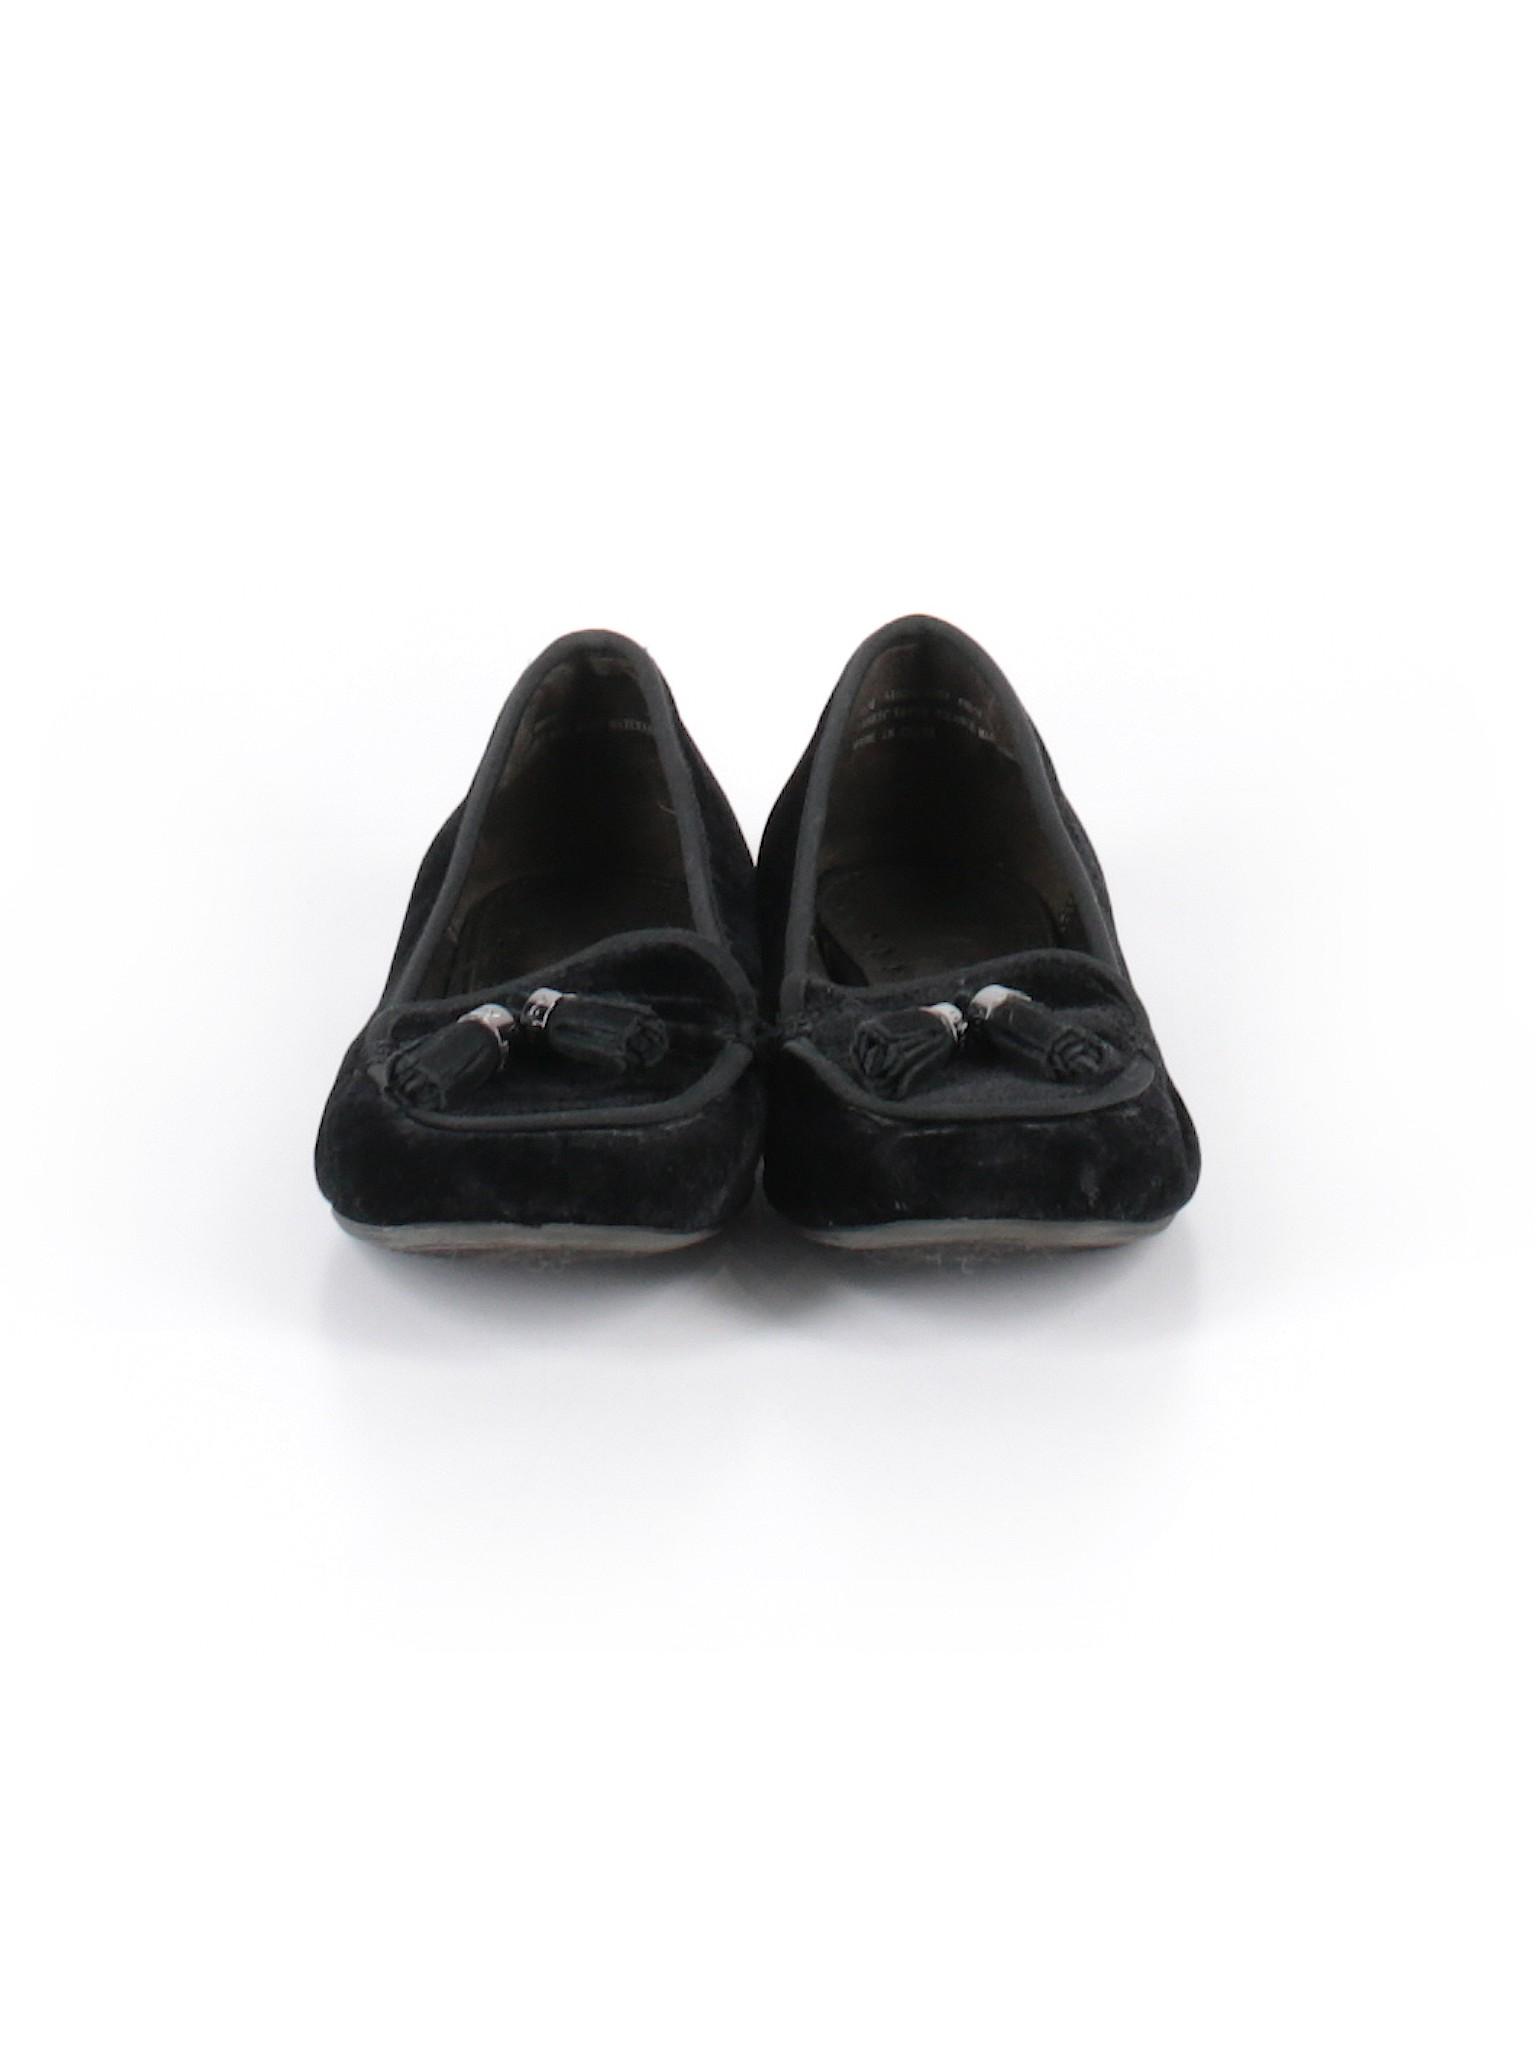 Boutique Boutique Flats Shoes promotion promotion Delman Shoes Delman Flats fzIfgSr